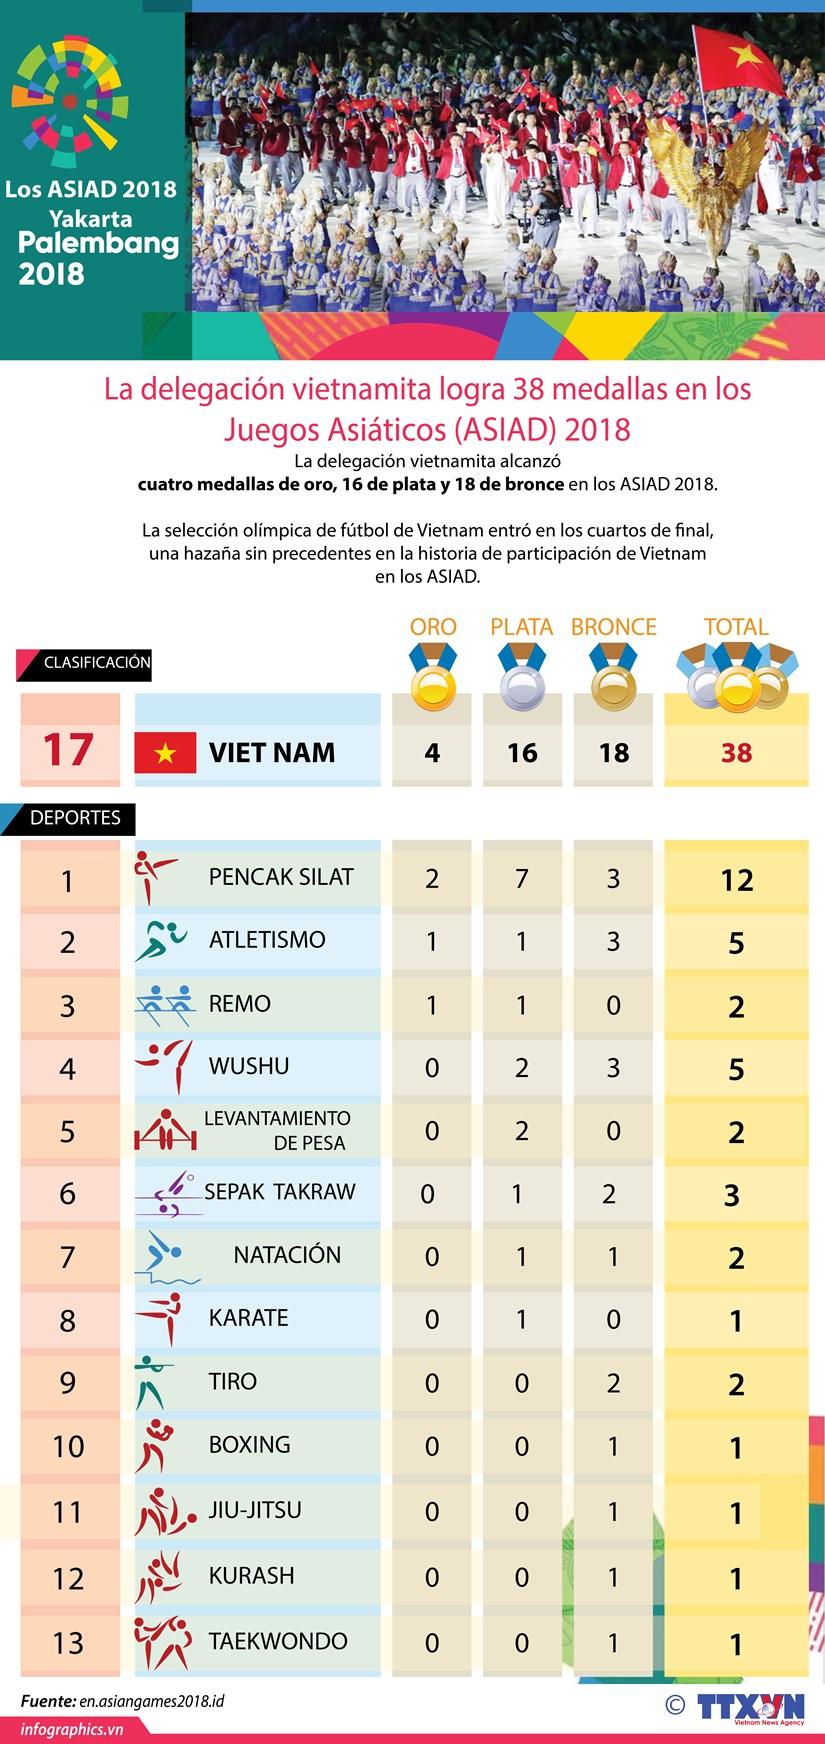 [Info] Vietnam se ubica en lugar 17 en el medallero de los ASIAD 2018 hinh anh 1